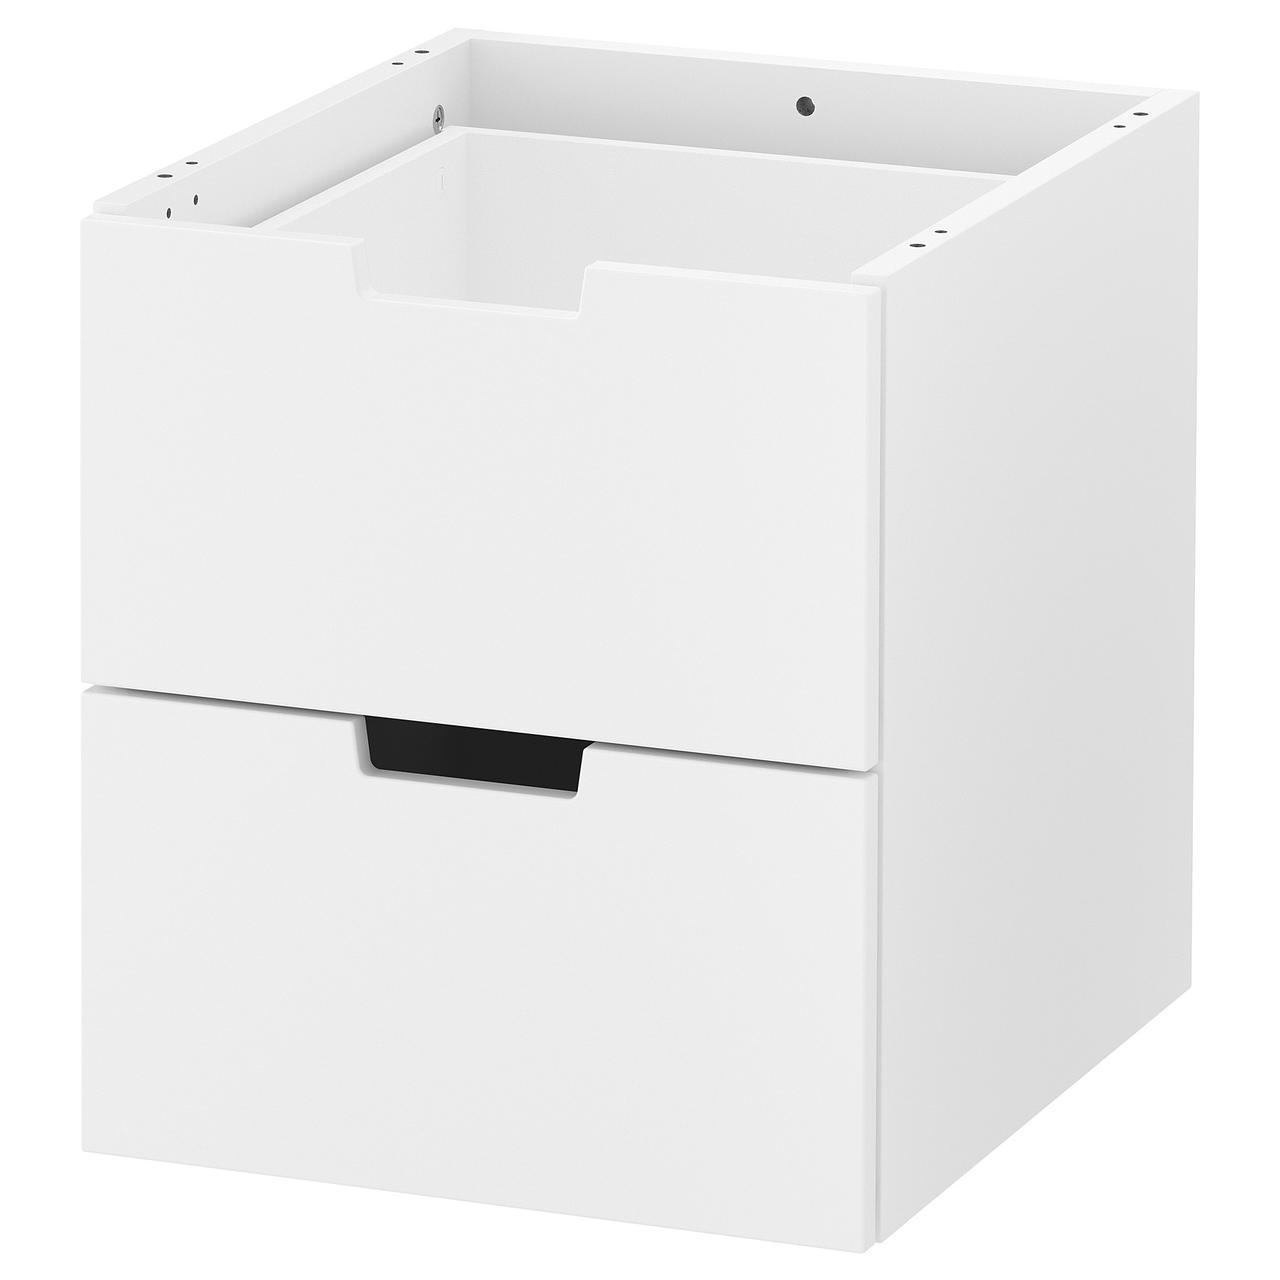 Купить IKEA NORDLI (903.834.57) Комод Modod комод/2 выдвижных ящика, белый